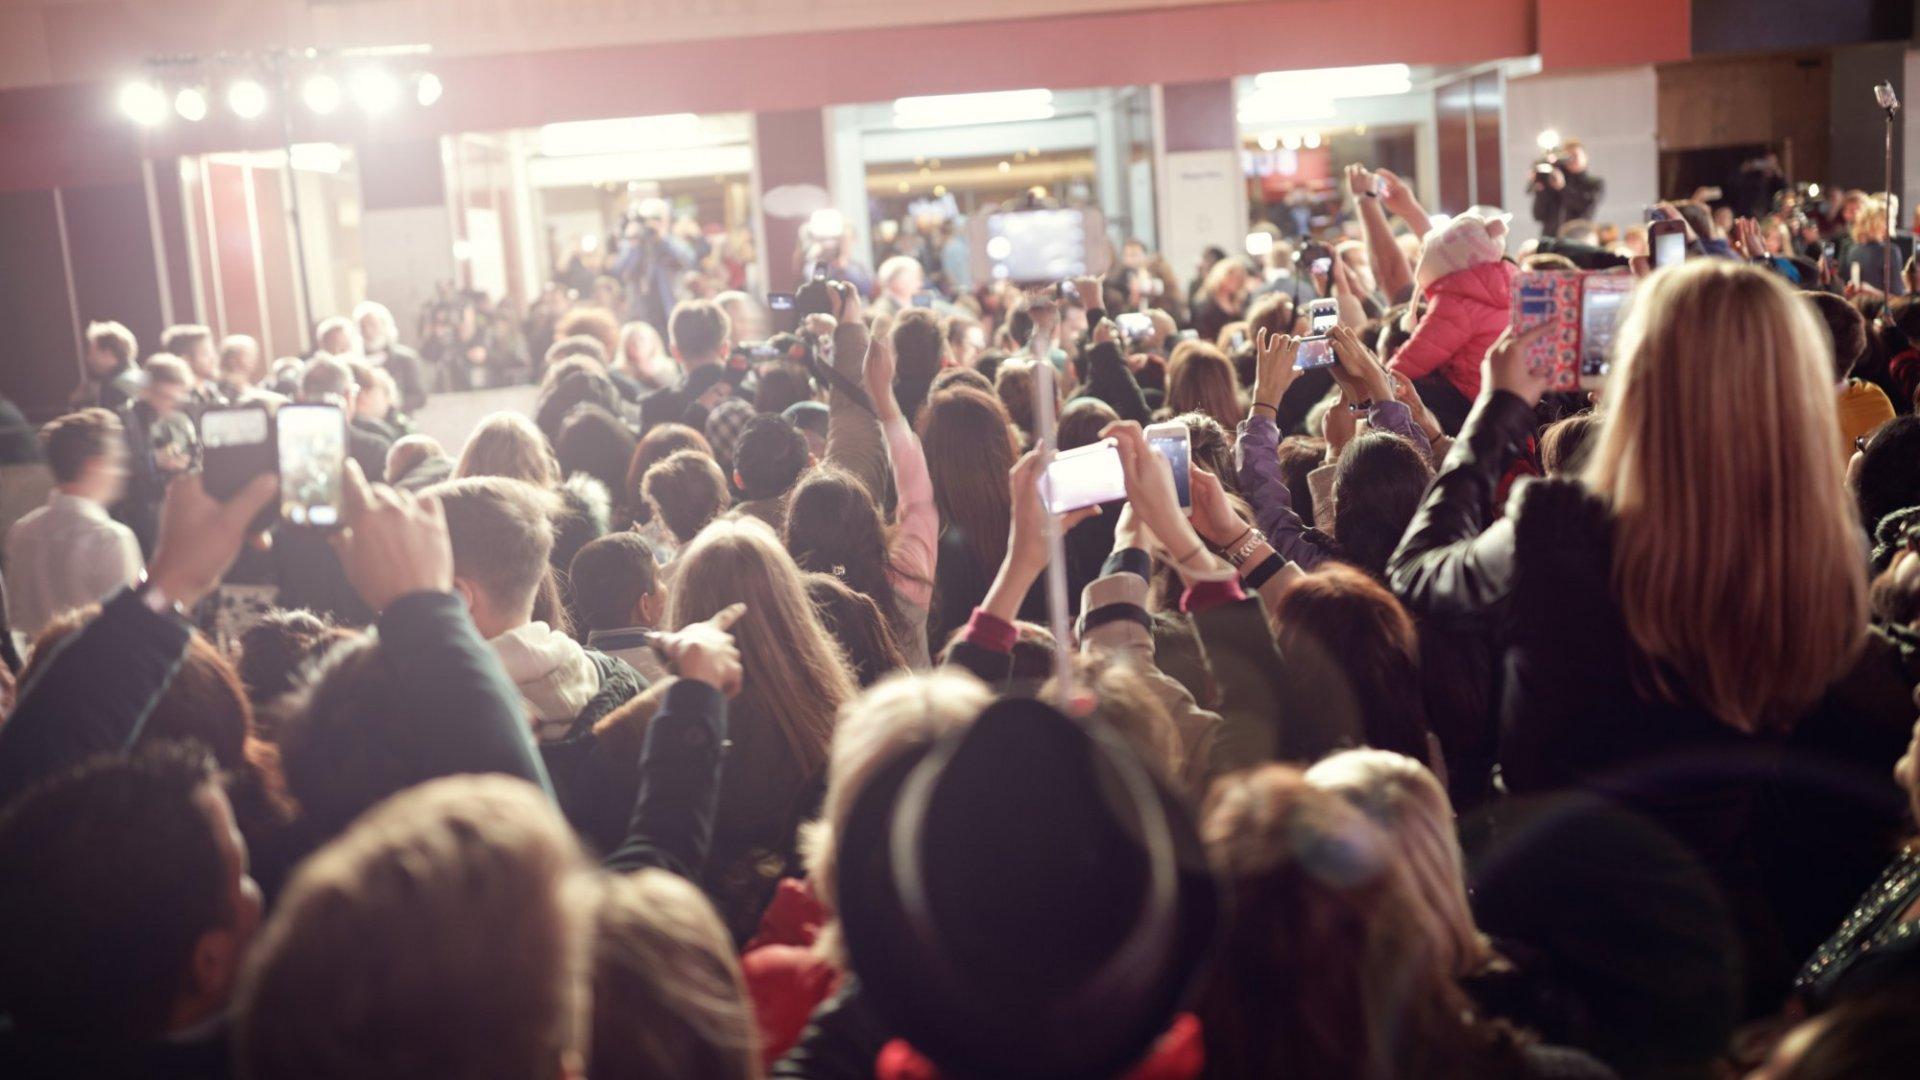 The 5 Biggest PR Failures of the Last Decade